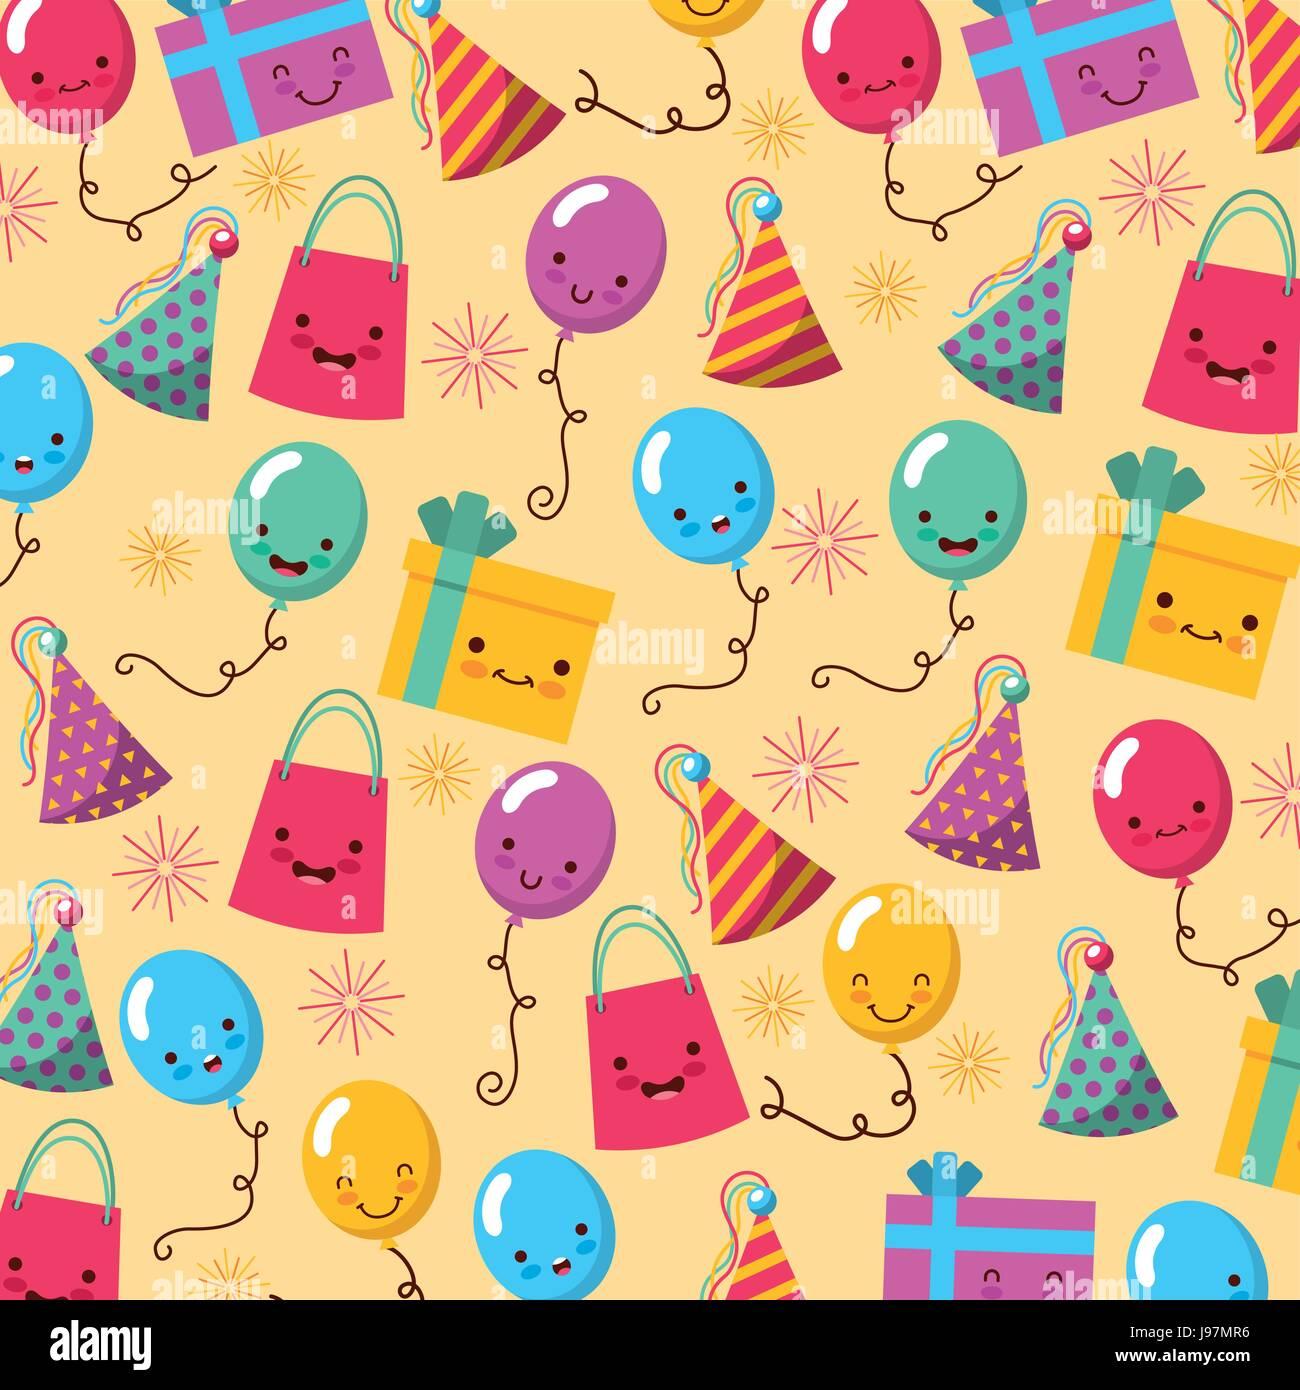 Buon compleanno kawaii set di icone Immagini Stock